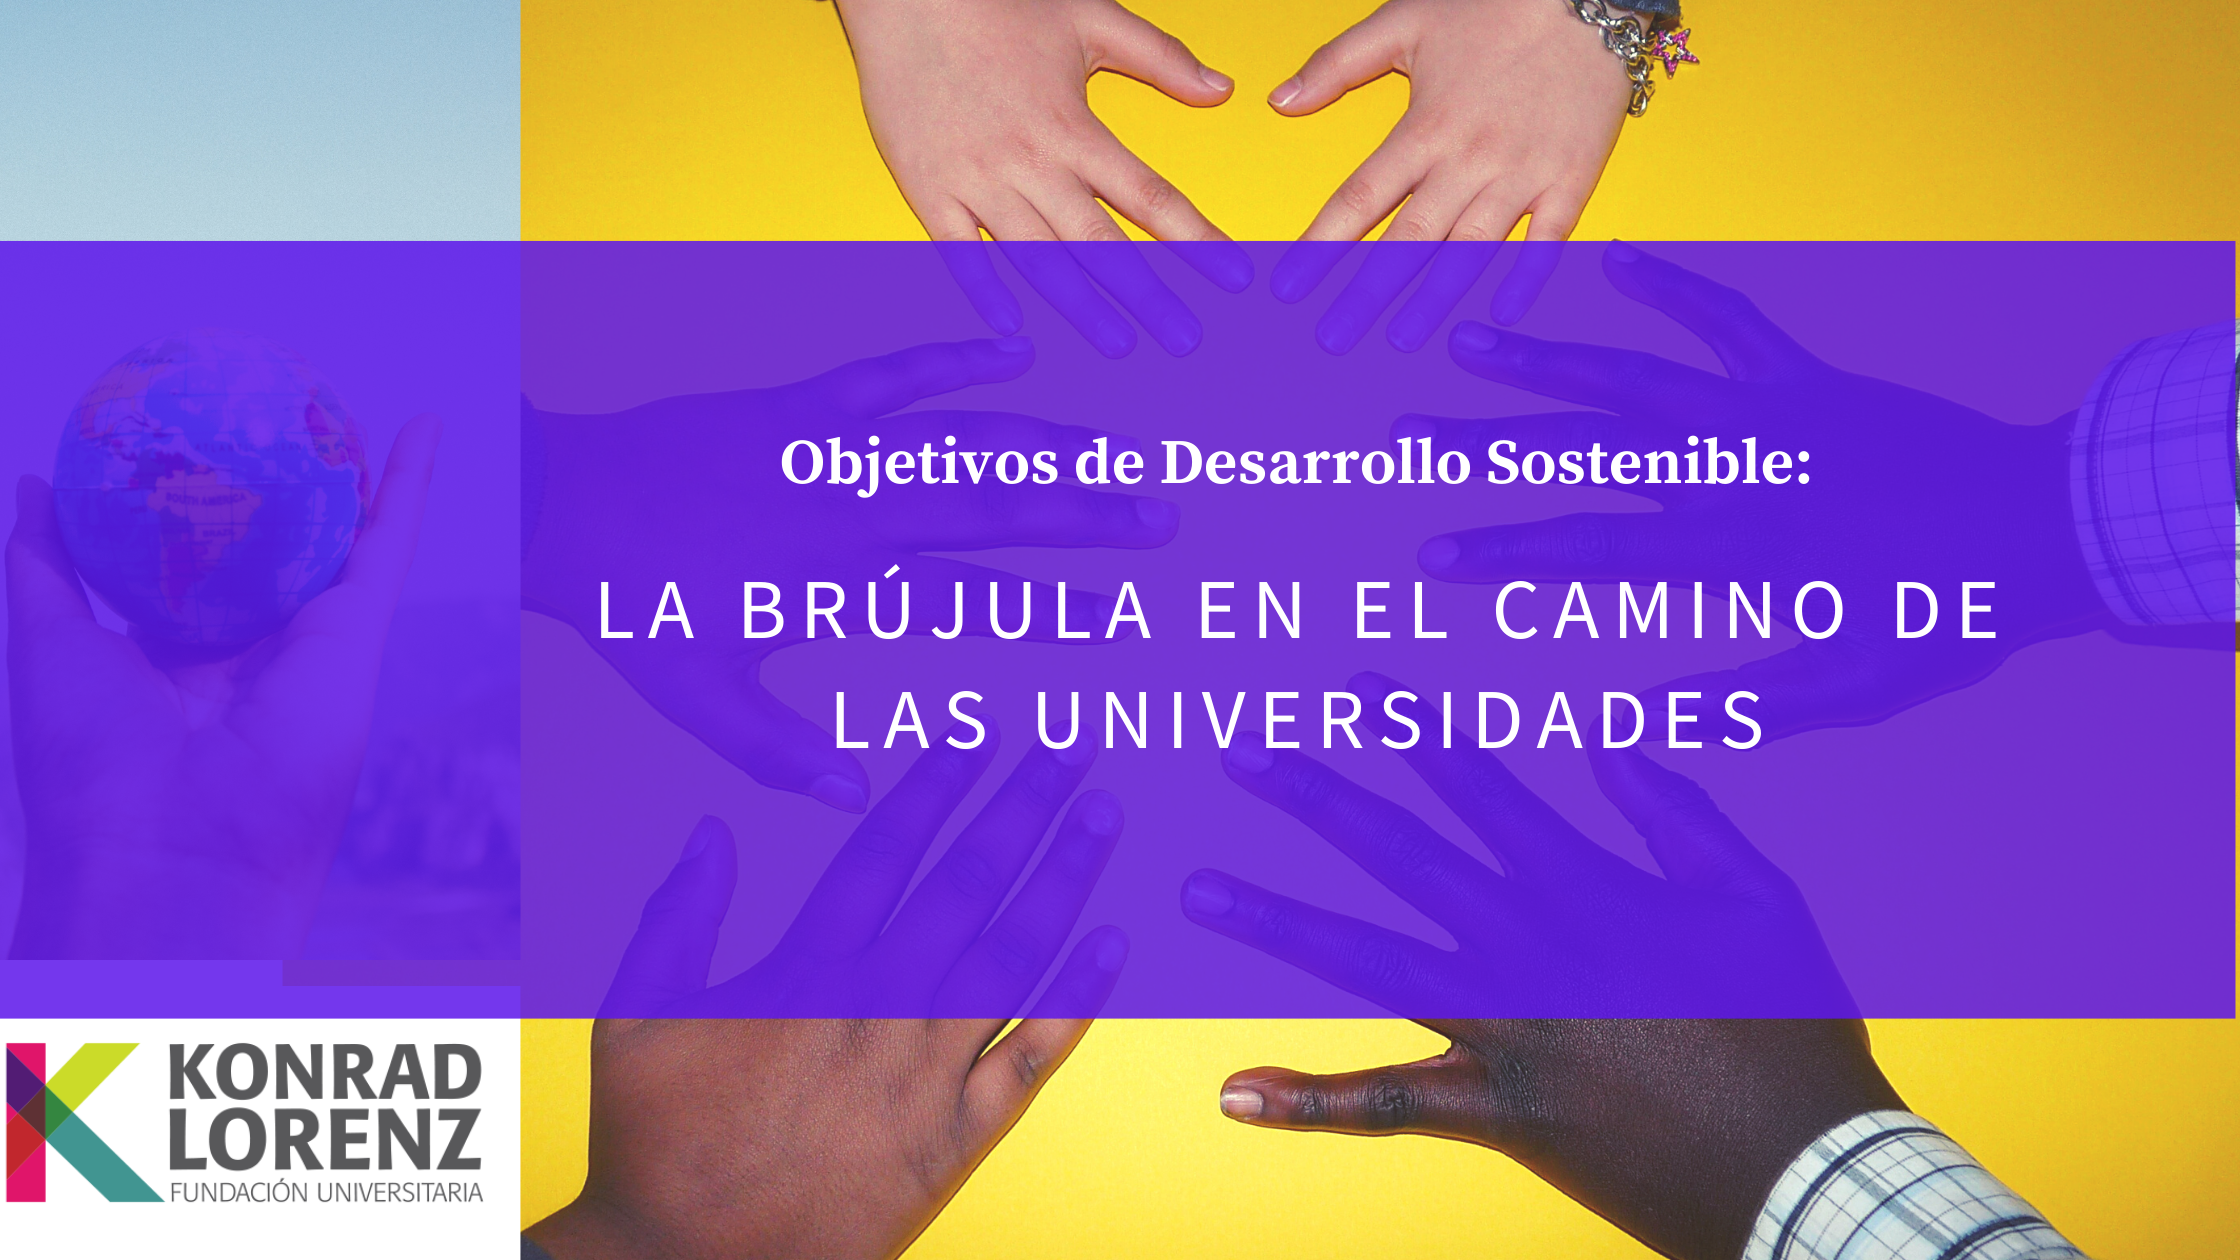 Objetivos de desarrollo sostenible: La brújula en el camino de las Universidades